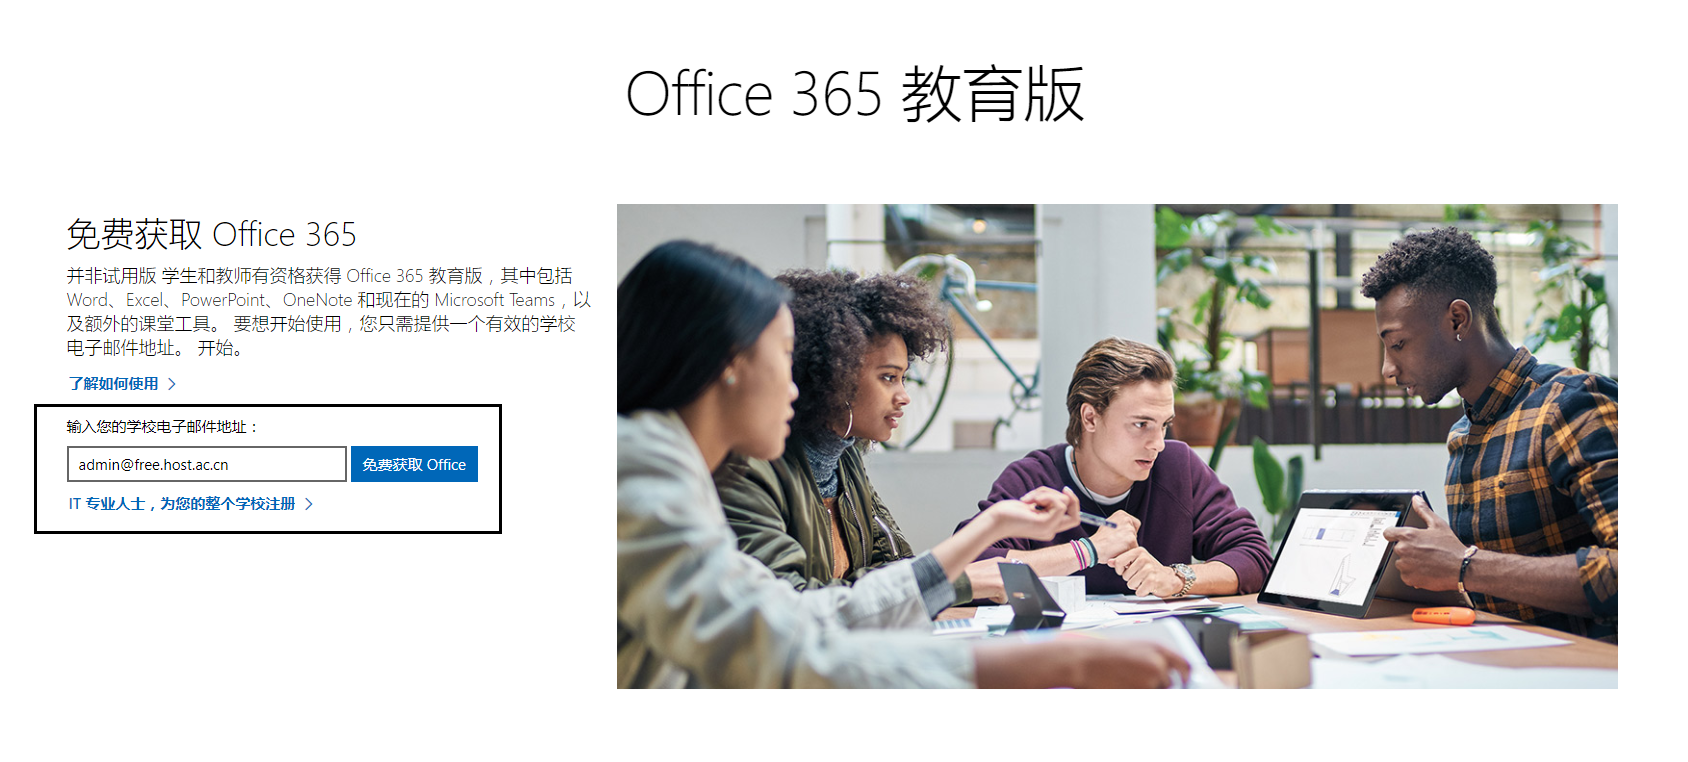 免费申请 Office 365 A1 教育帐号 OneDrive 5TB 网盘插图(2)